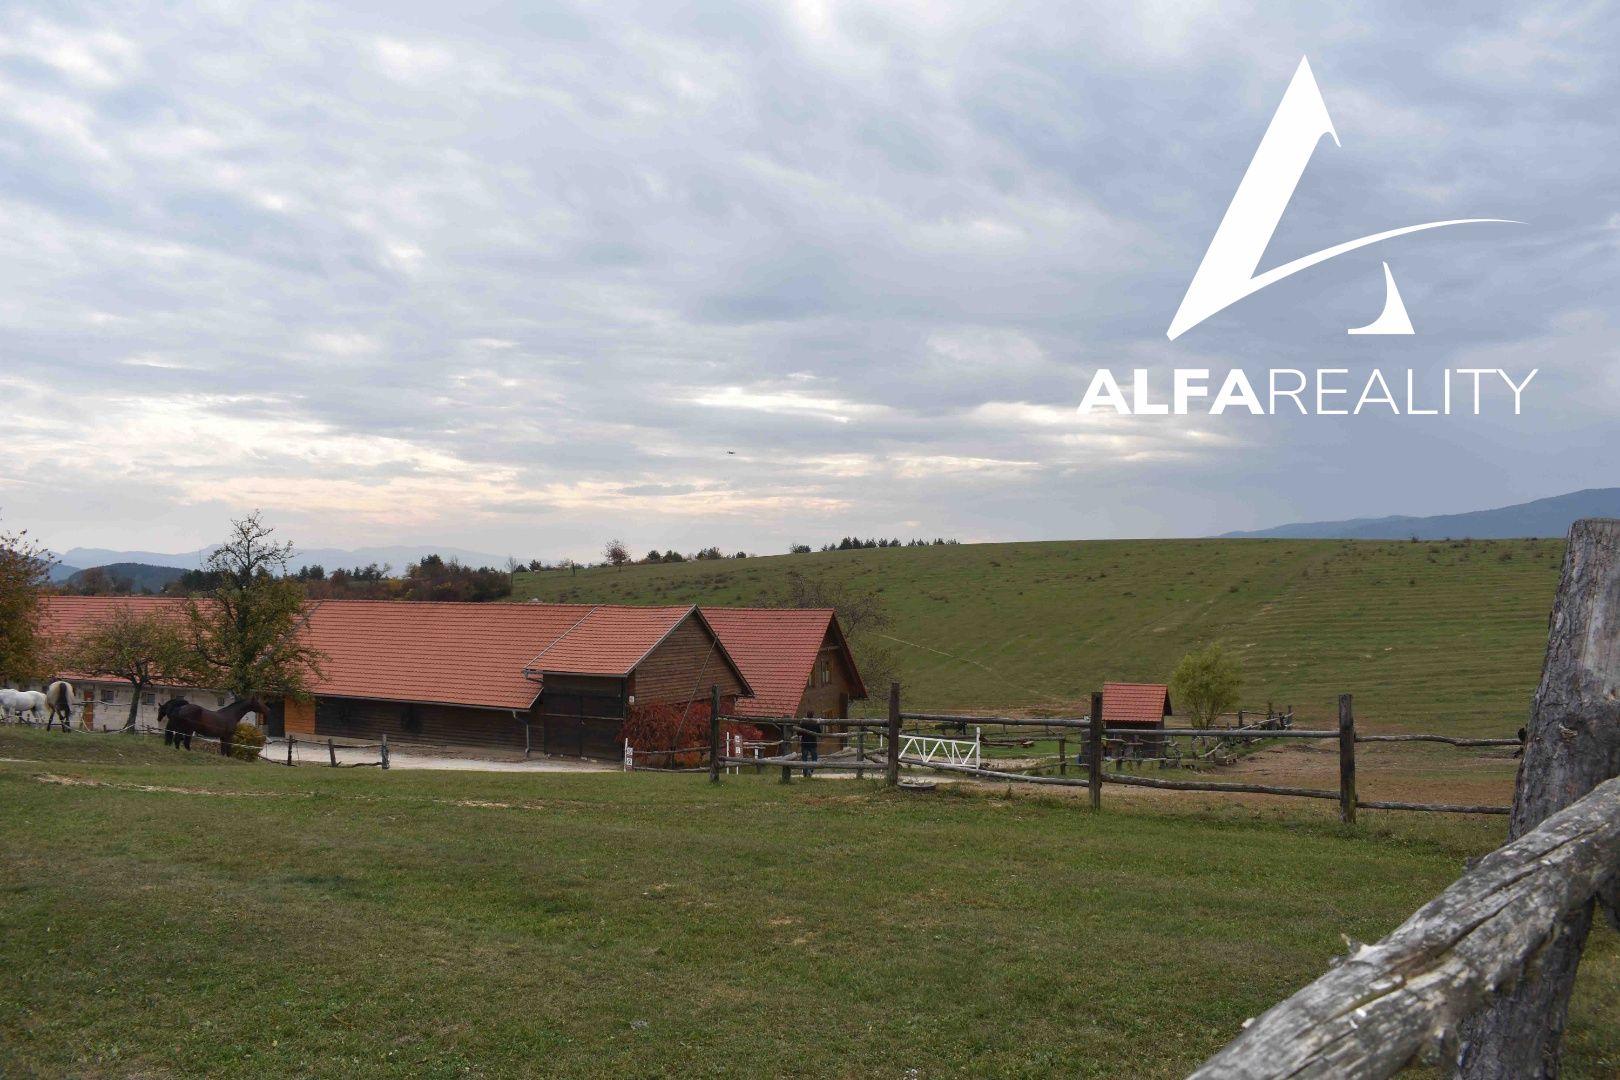 8c10d0380 EXKLUZÍVNE ponúkame na predaj areál s rozlohou 83 ha, ktorý poskytuje  ubytovanie, chov dobytka, chov koní a jeho možnosti využitia sú ešte oveľa  väčšie